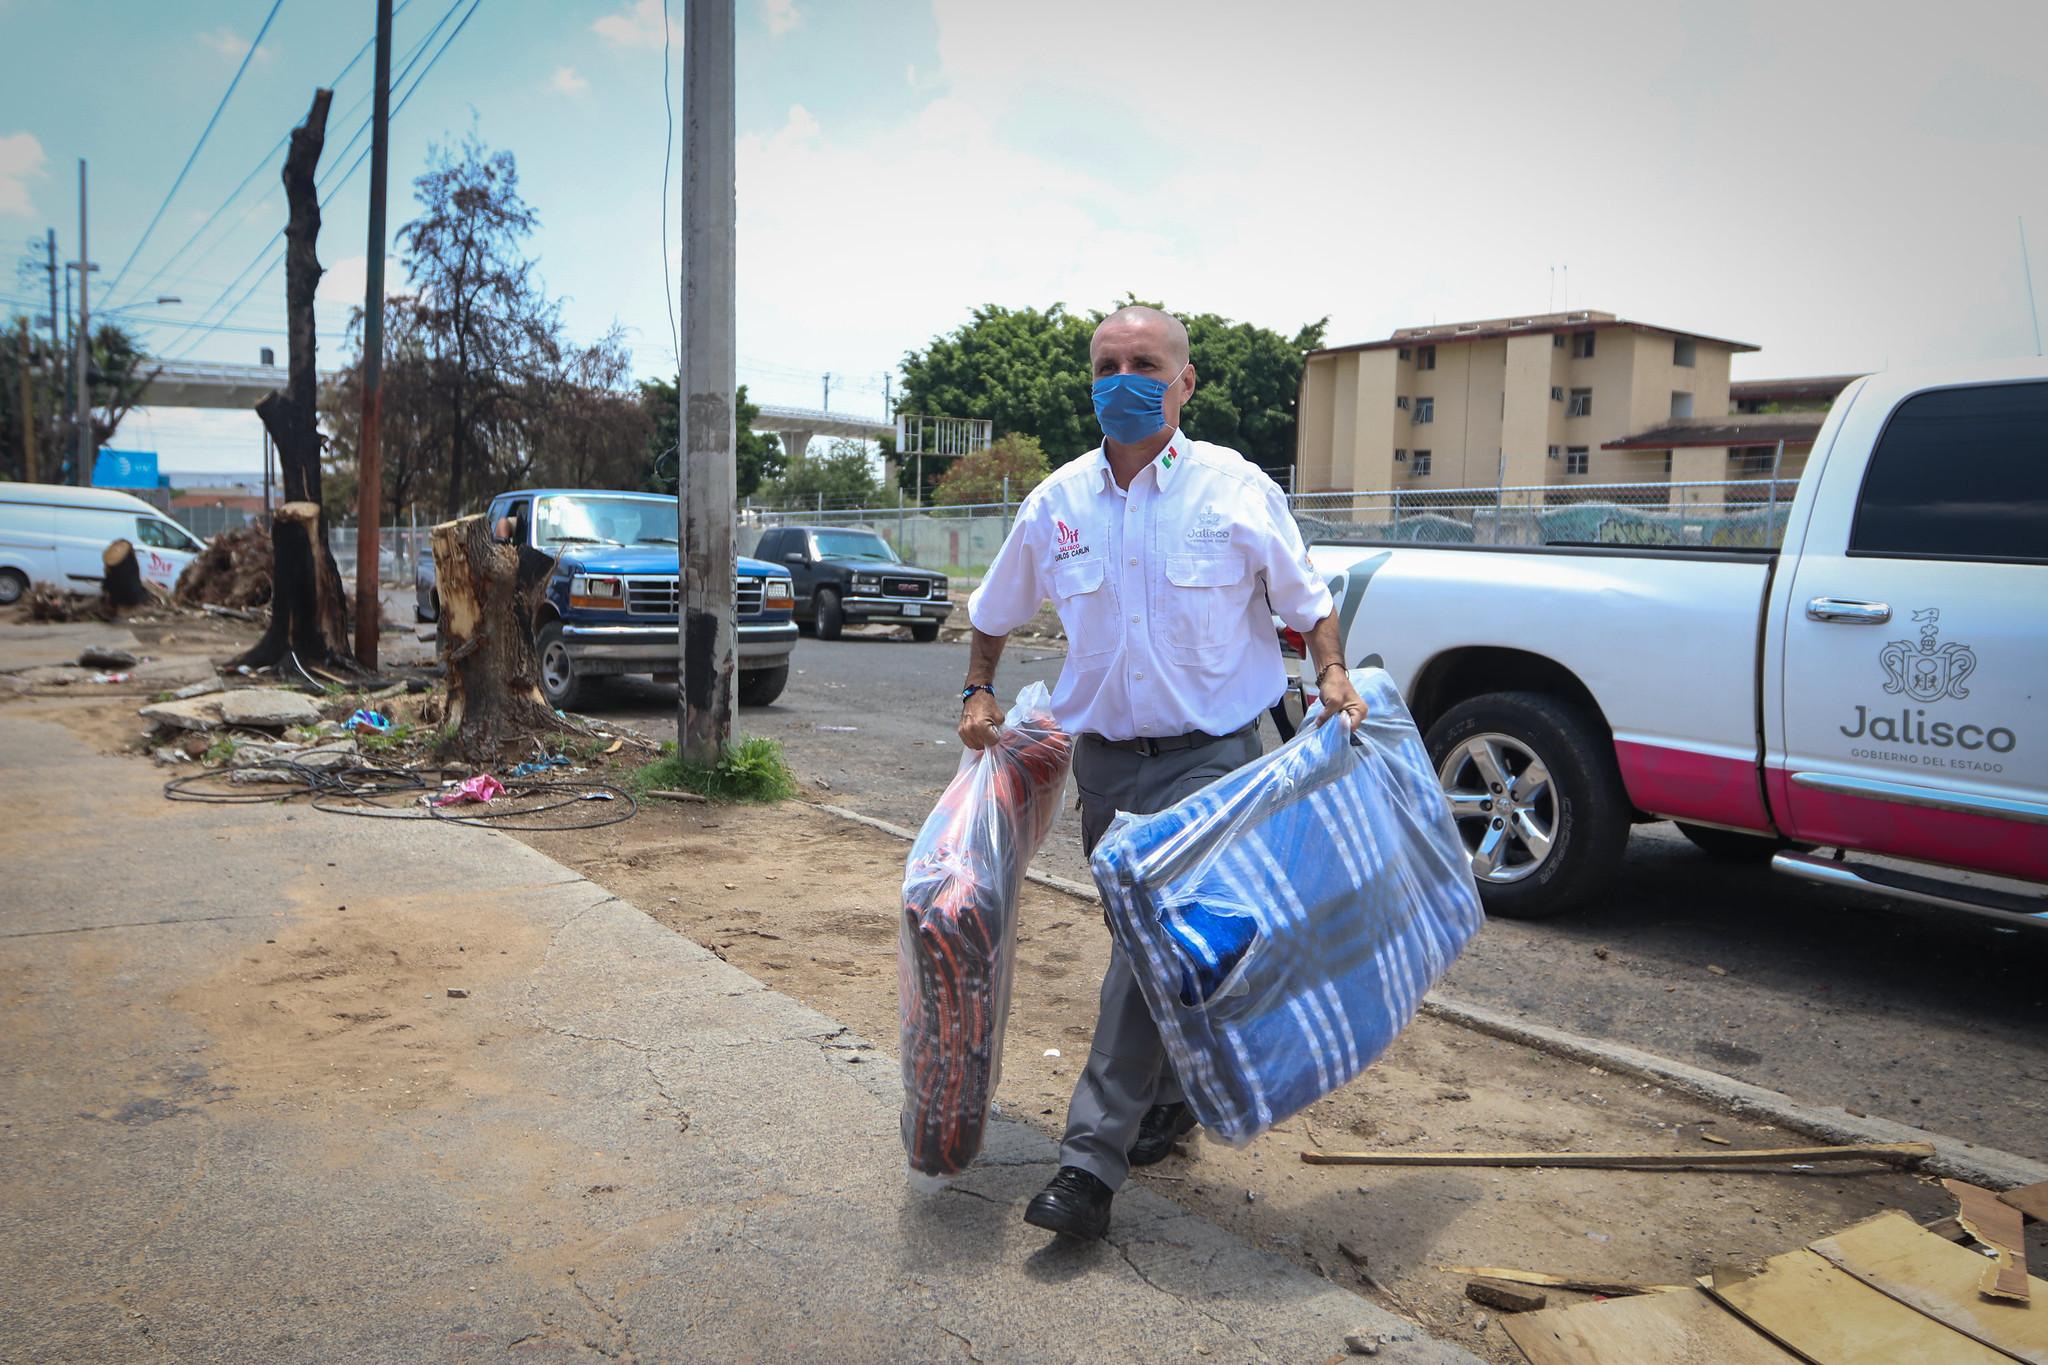 La distribución de prendas abrigadoras es parte de las acciones del Plan Asistencial de Invierno 2020-2021, implementado por el Sistema DIF Jalisco.